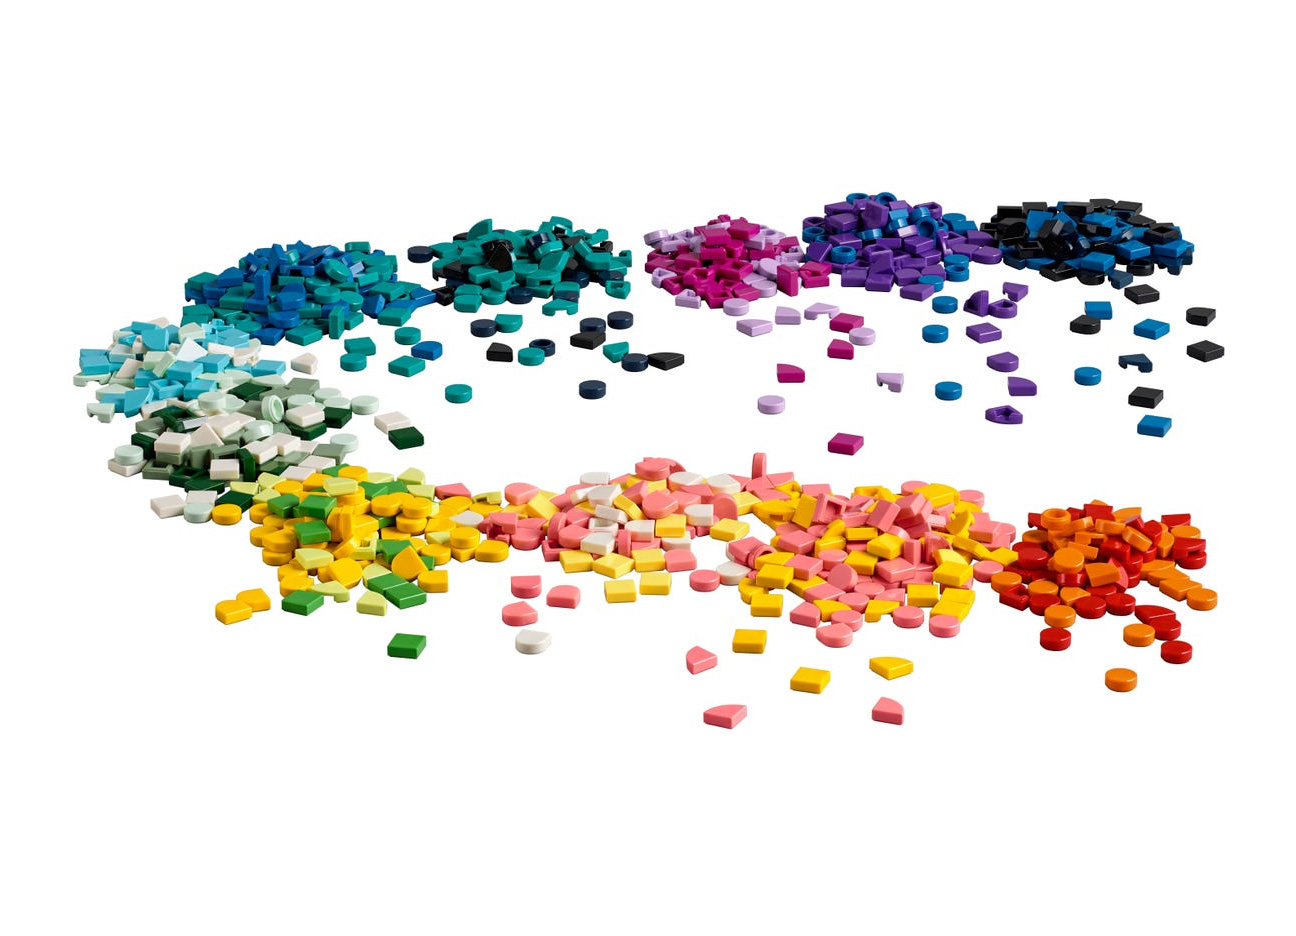 6月1日発売見込みレゴ ドッツ新製品情報:アクセサリーを作る人気シリーズ(2021)